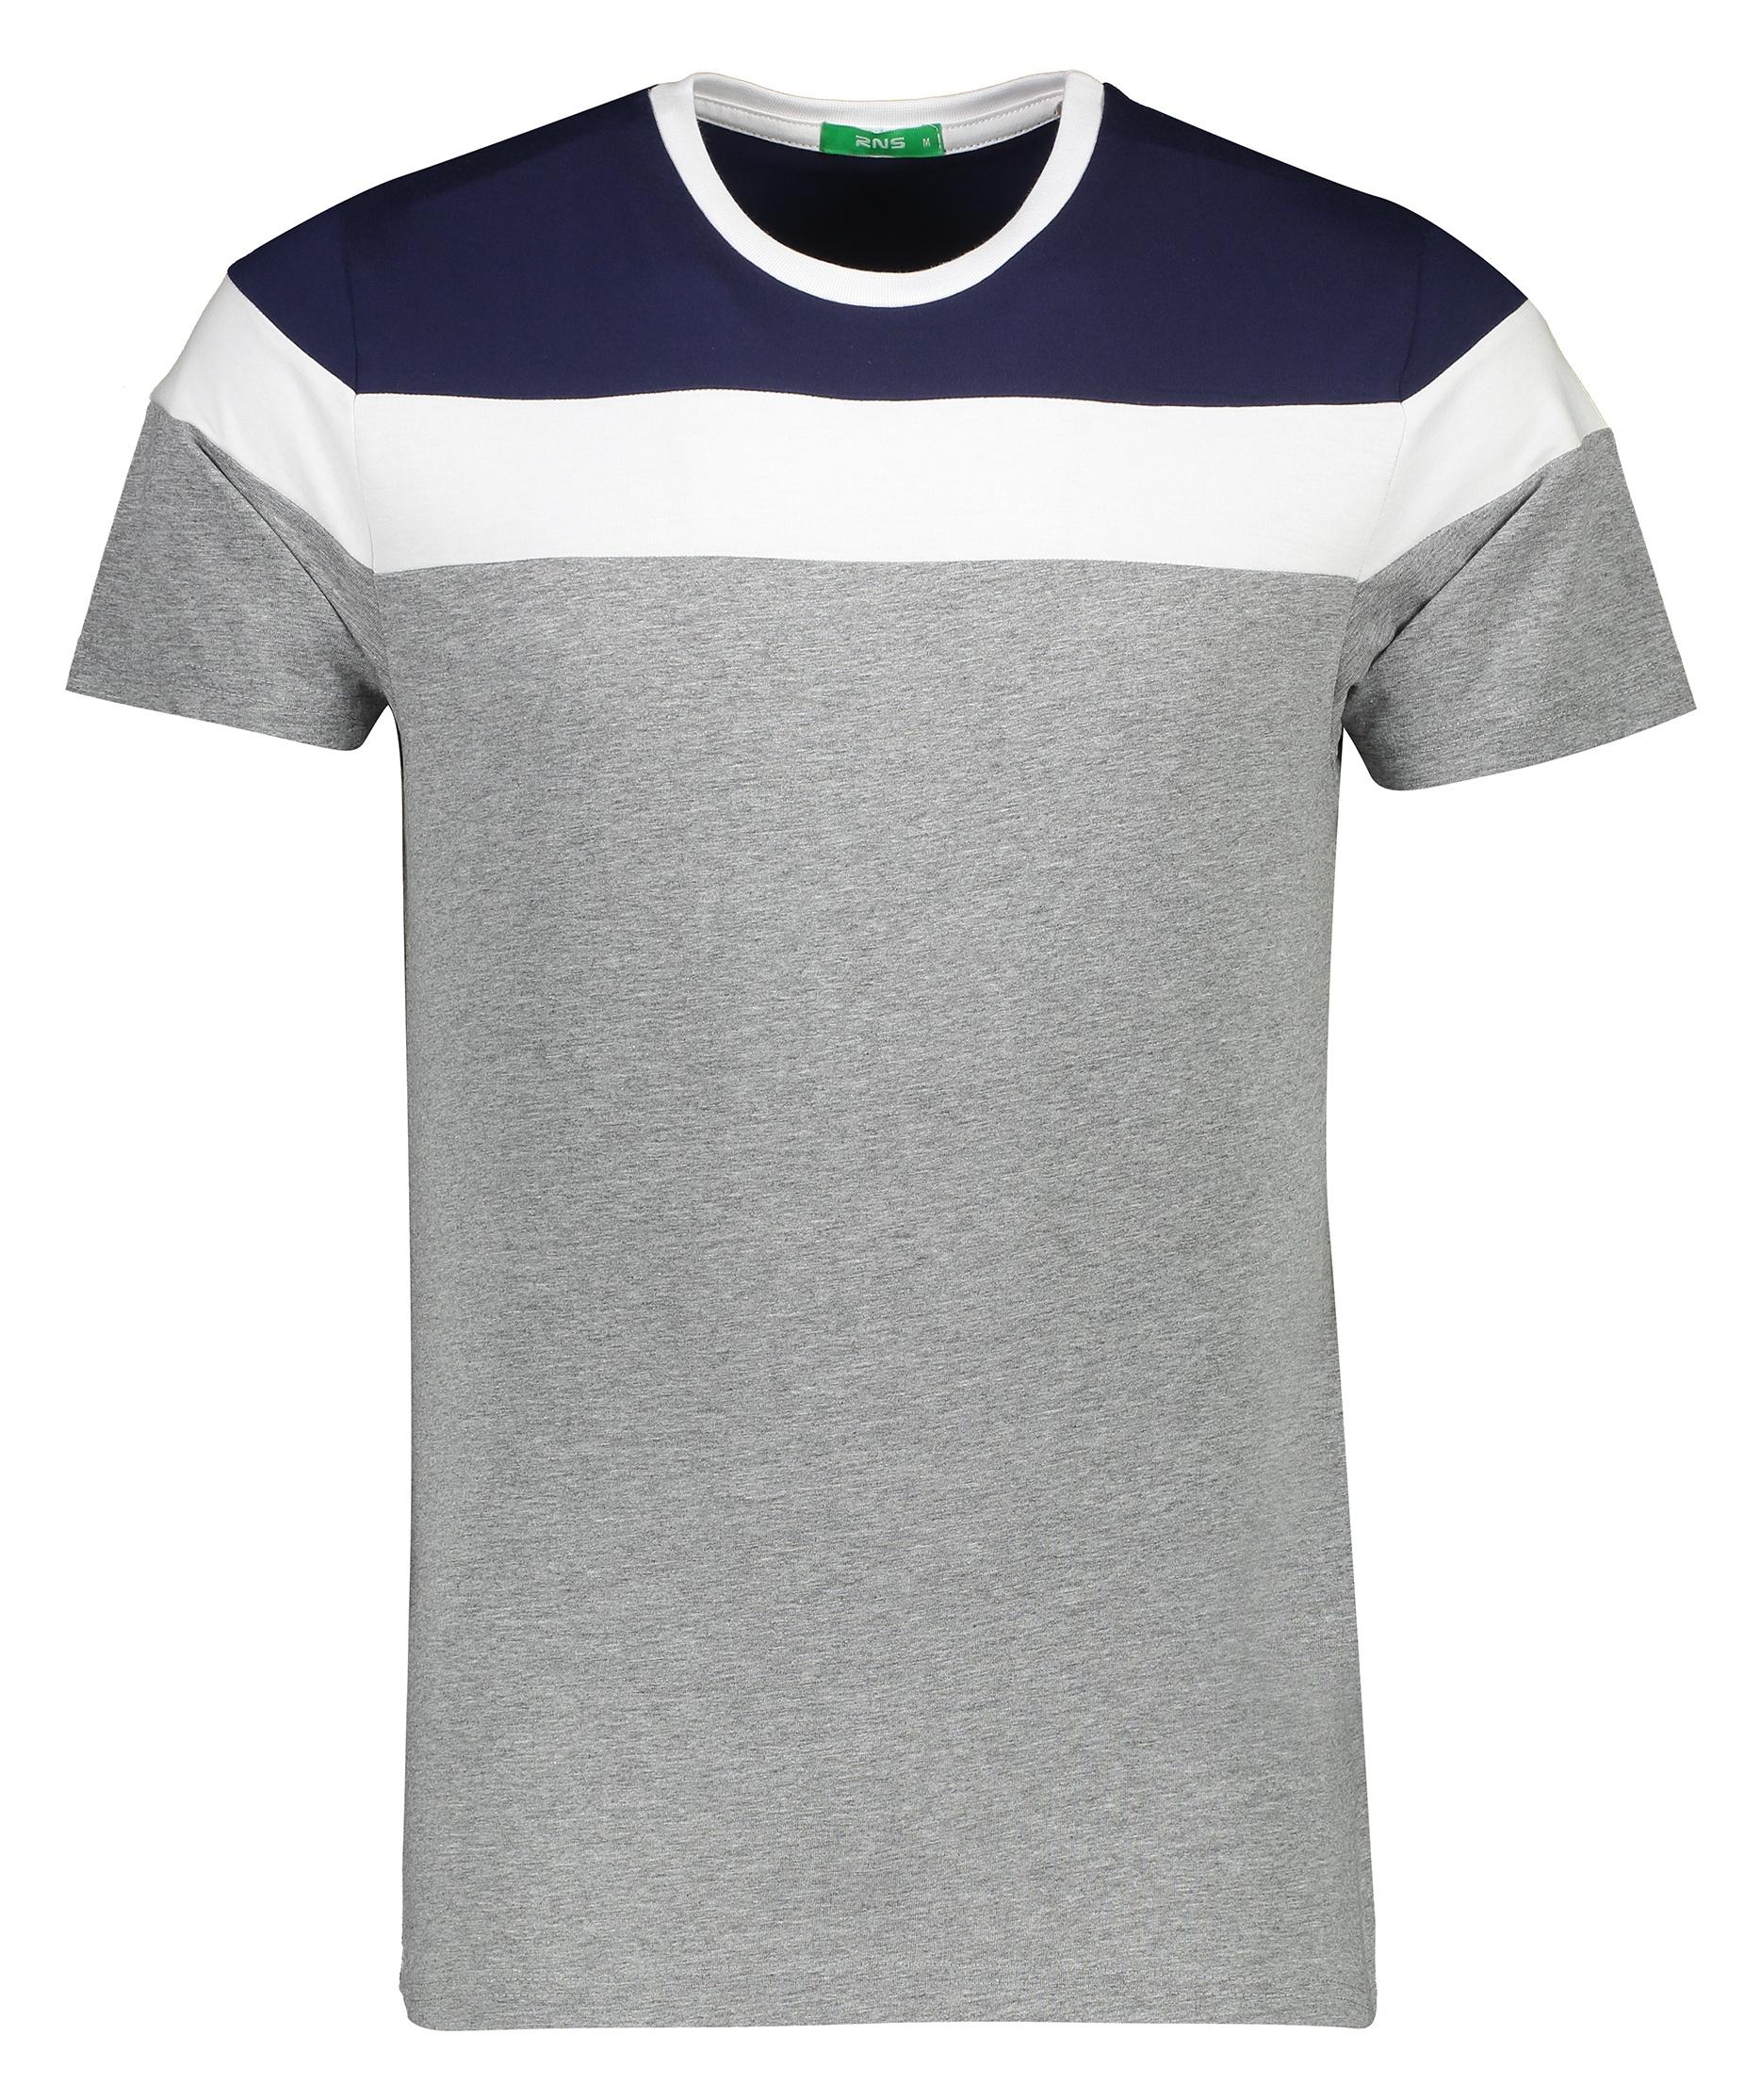 تی شرت مردانه آر ان اس مدل 1131107-59